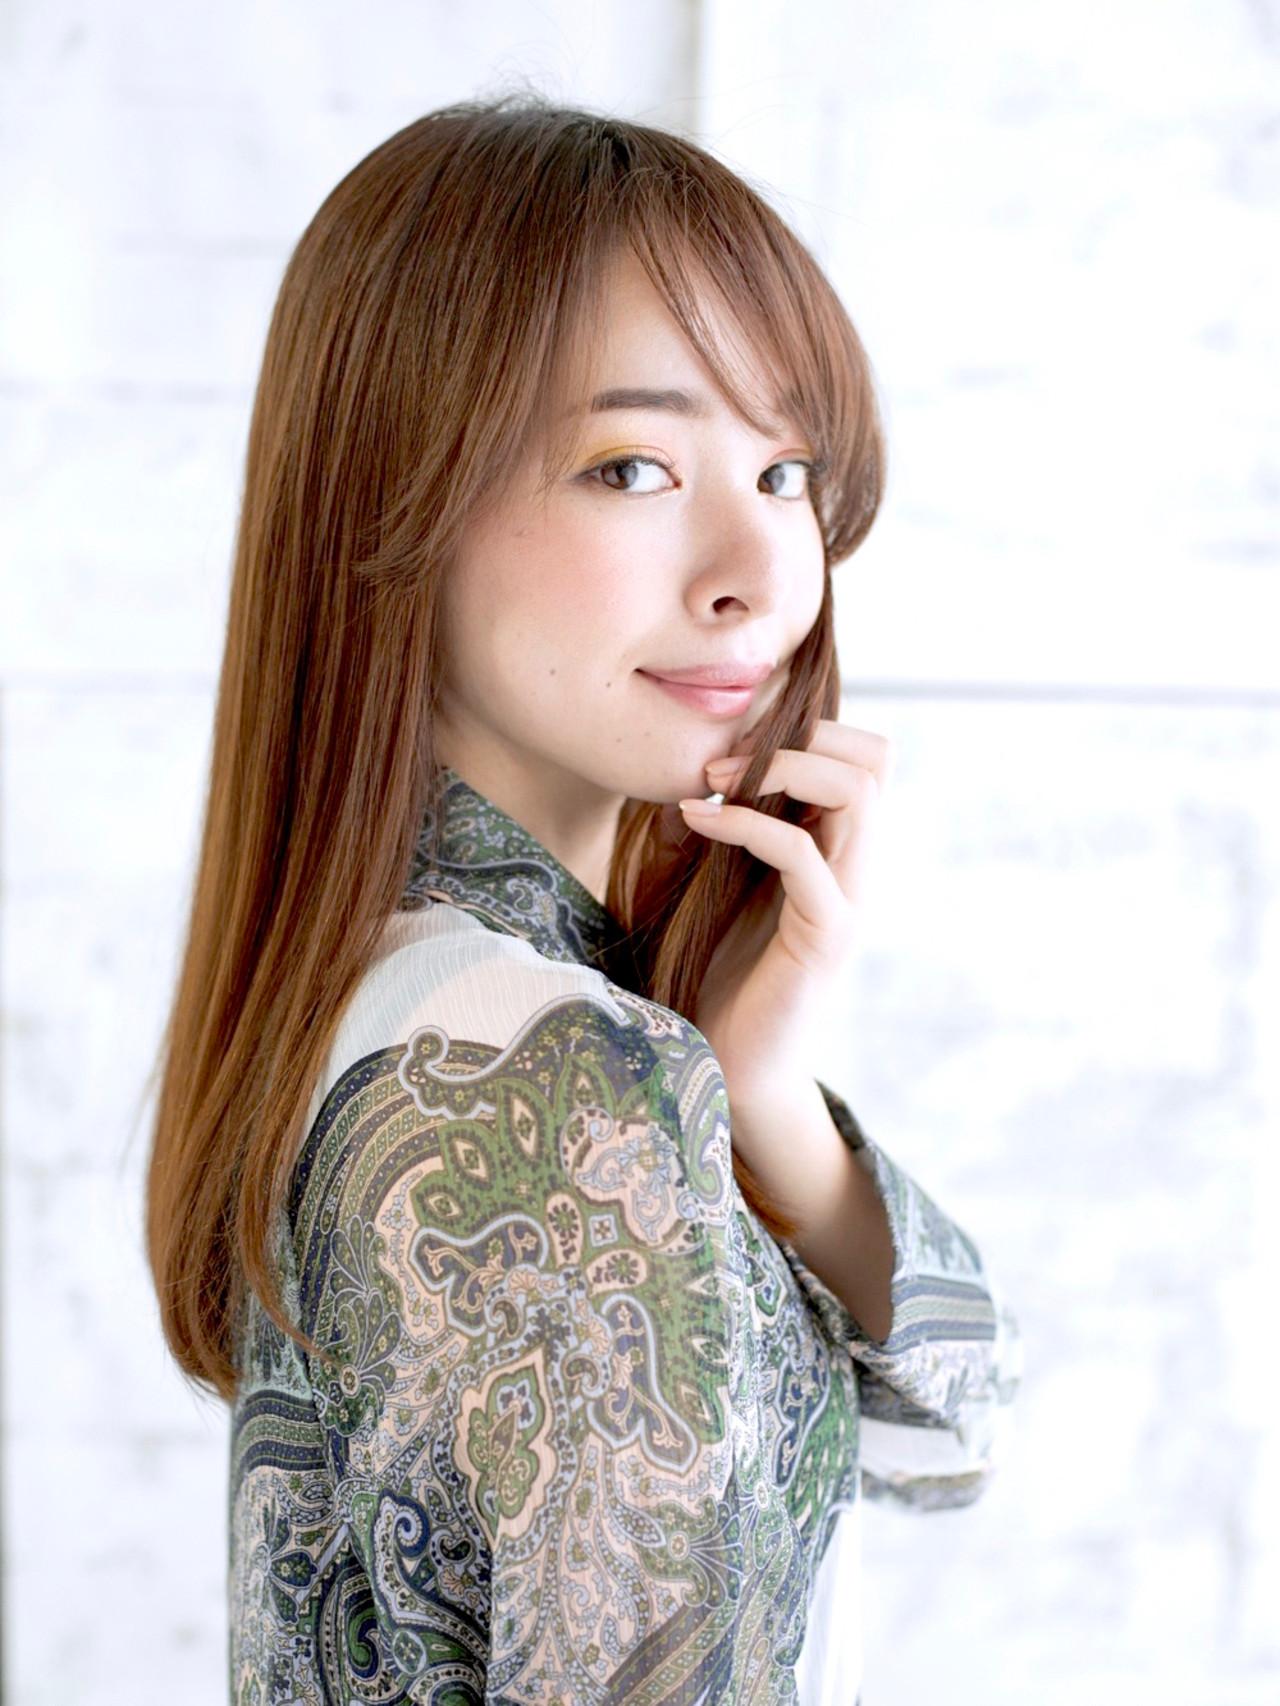 ロング ミディアムヘアー 縮毛矯正 アッシュベージュ ヘアスタイルや髪型の写真・画像 | Chie Ogusu / Hair and Make Chie Ogusu